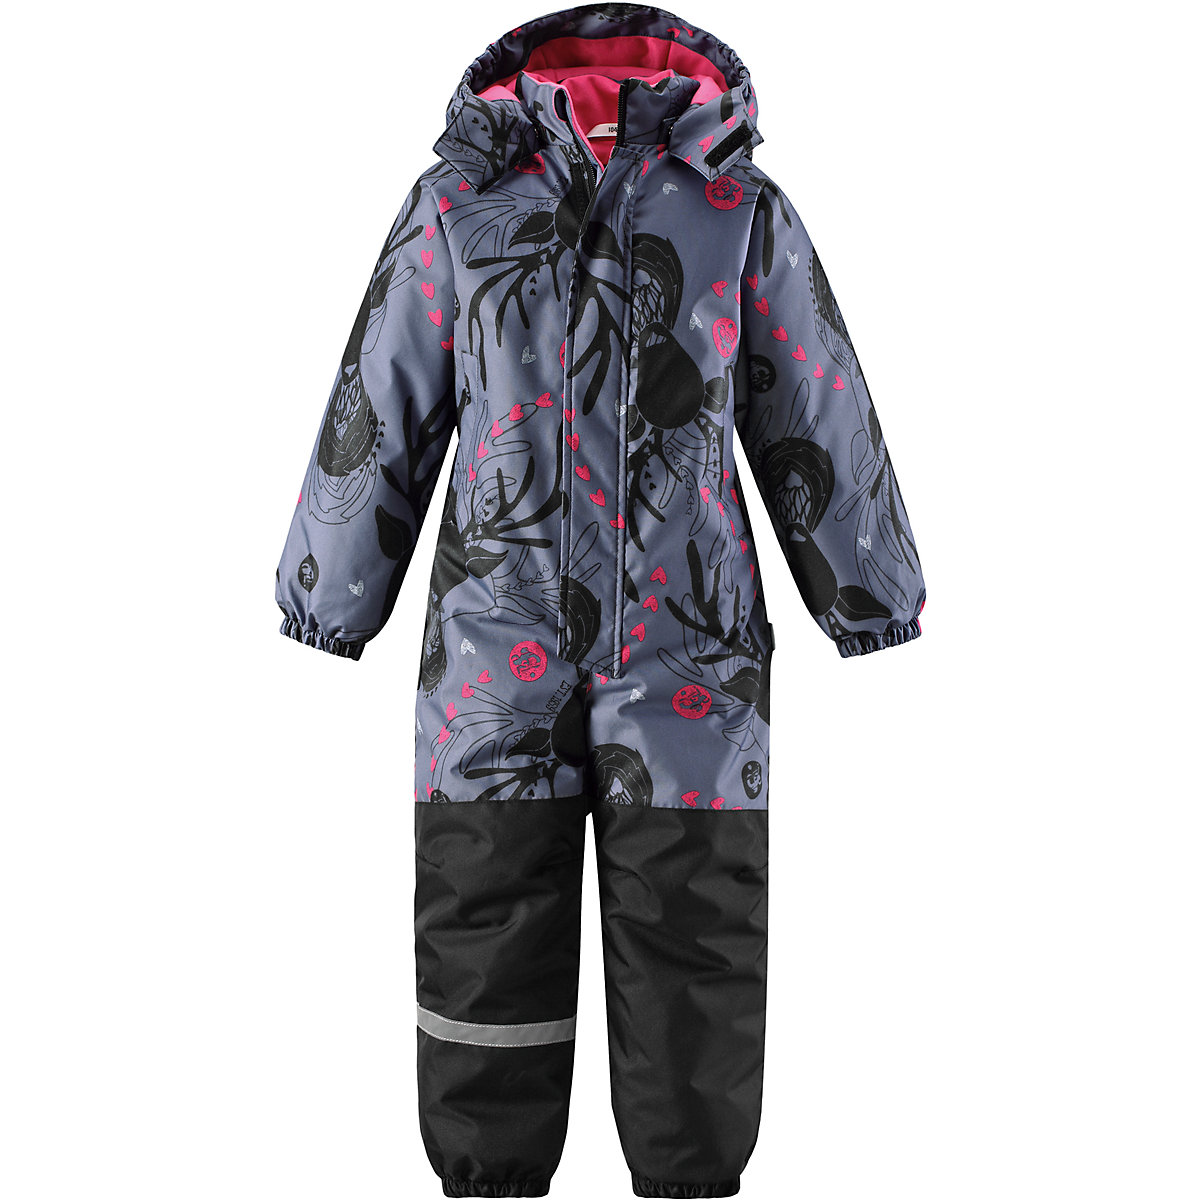 Salopette LASSIE pour garçons 8625568 barboteuses bébé combinaison enfants vêtements enfants